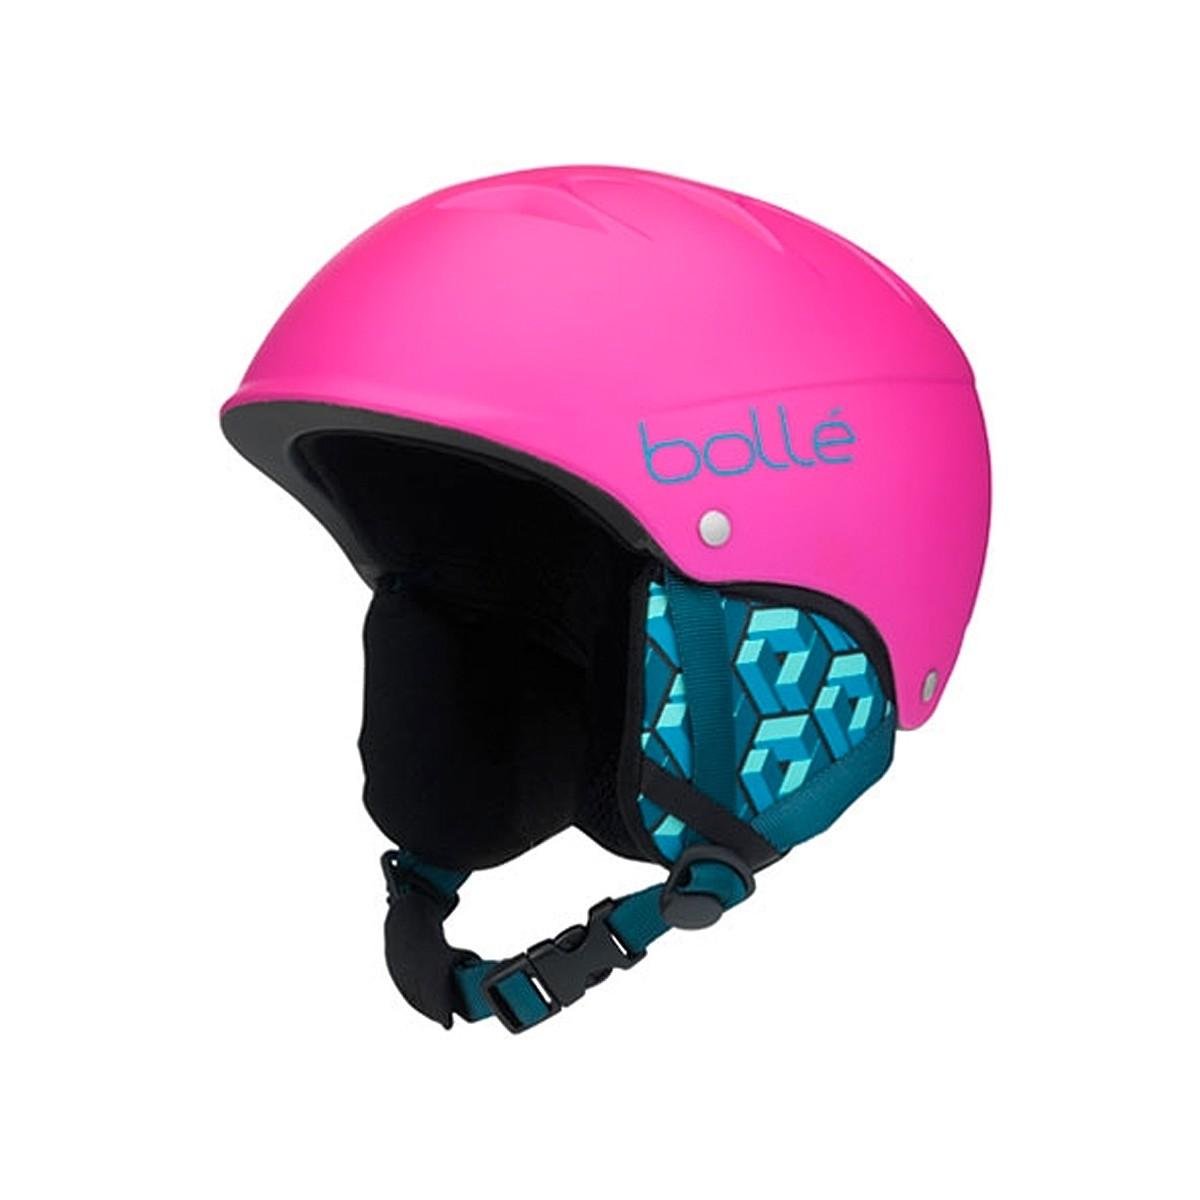 Casco Sci Bolle B-Free (Colore: SOFT NEON PINK, Taglia: 53/5)